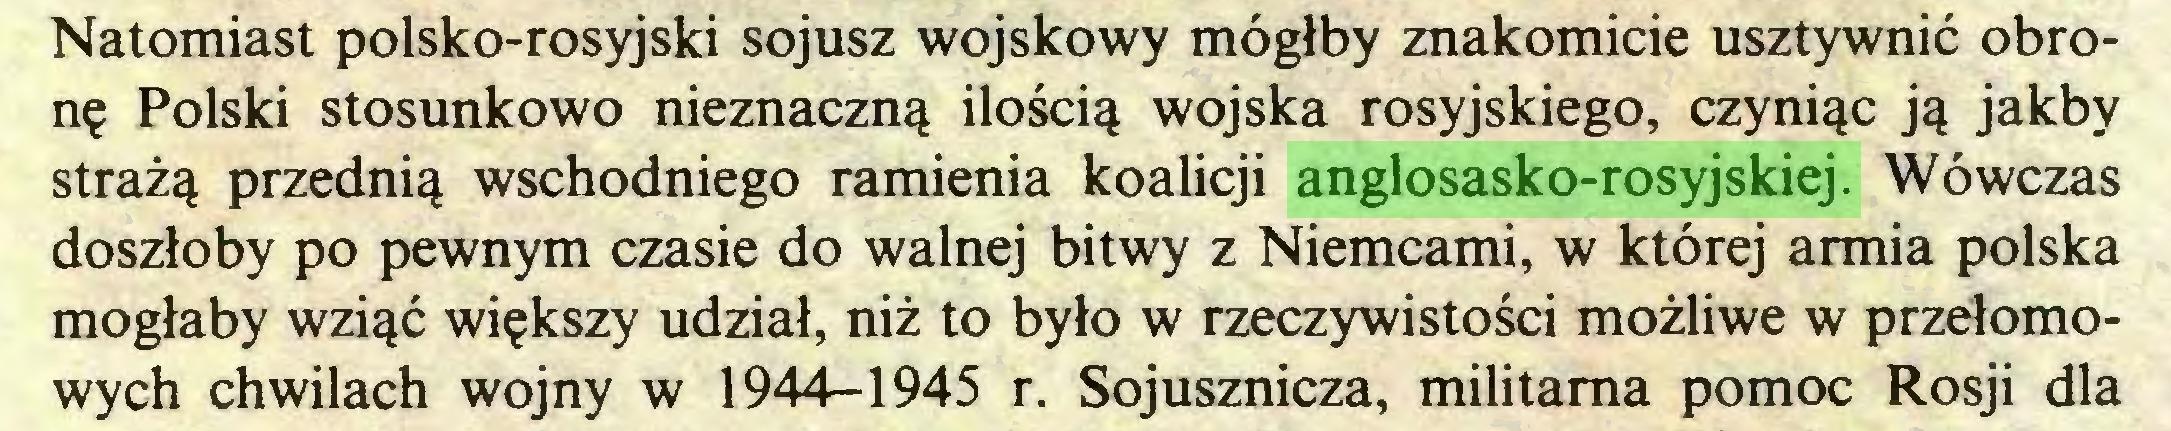 (...) Natomiast polsko-rosyjski sojusz wojskowy mógłby znakomicie usztywnić obronę Polski stosunkowo nieznaczną ilością wojska rosyjskiego, czyniąc ją jakby strażą przednią wschodniego ramienia koalicji anglosasko-rosyjskiej. Wówczas doszłoby po pewnym czasie do walnej bitwy z Niemcami, w której armia polska mogłaby wziąć większy udział, niż to było w rzeczywistości możliwe w przełomowych chwilach wojny w 1944-1945 r. Sojusznicza, militarna pomoc Rosji dla...